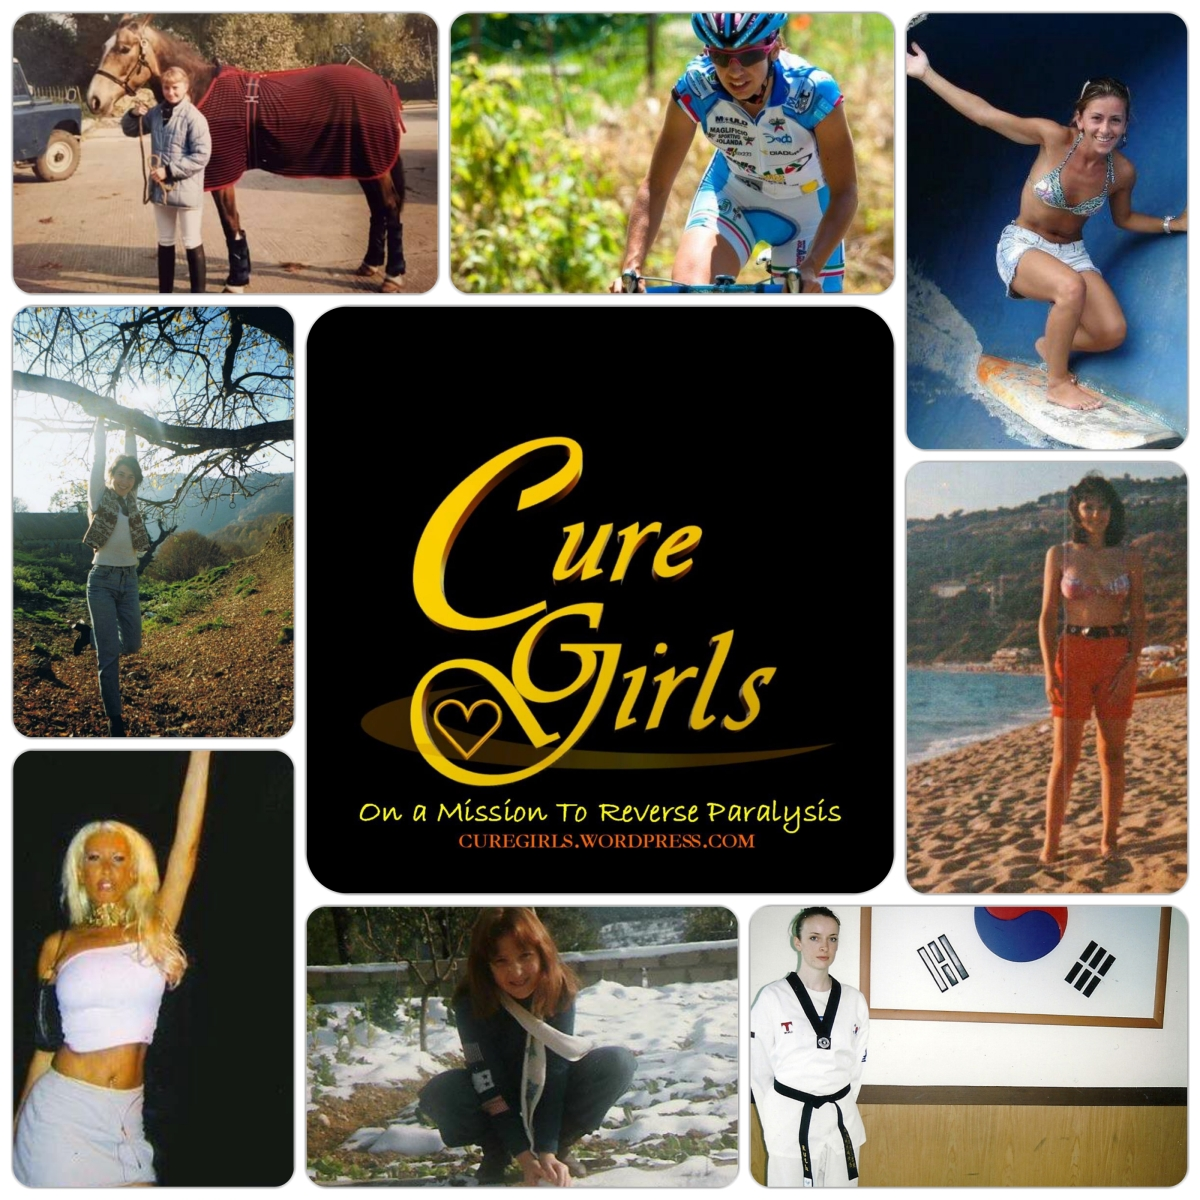 #WalkingWednesday: Come partecipare alla nuova campagna di sensibilizzazione delle Cure Girls